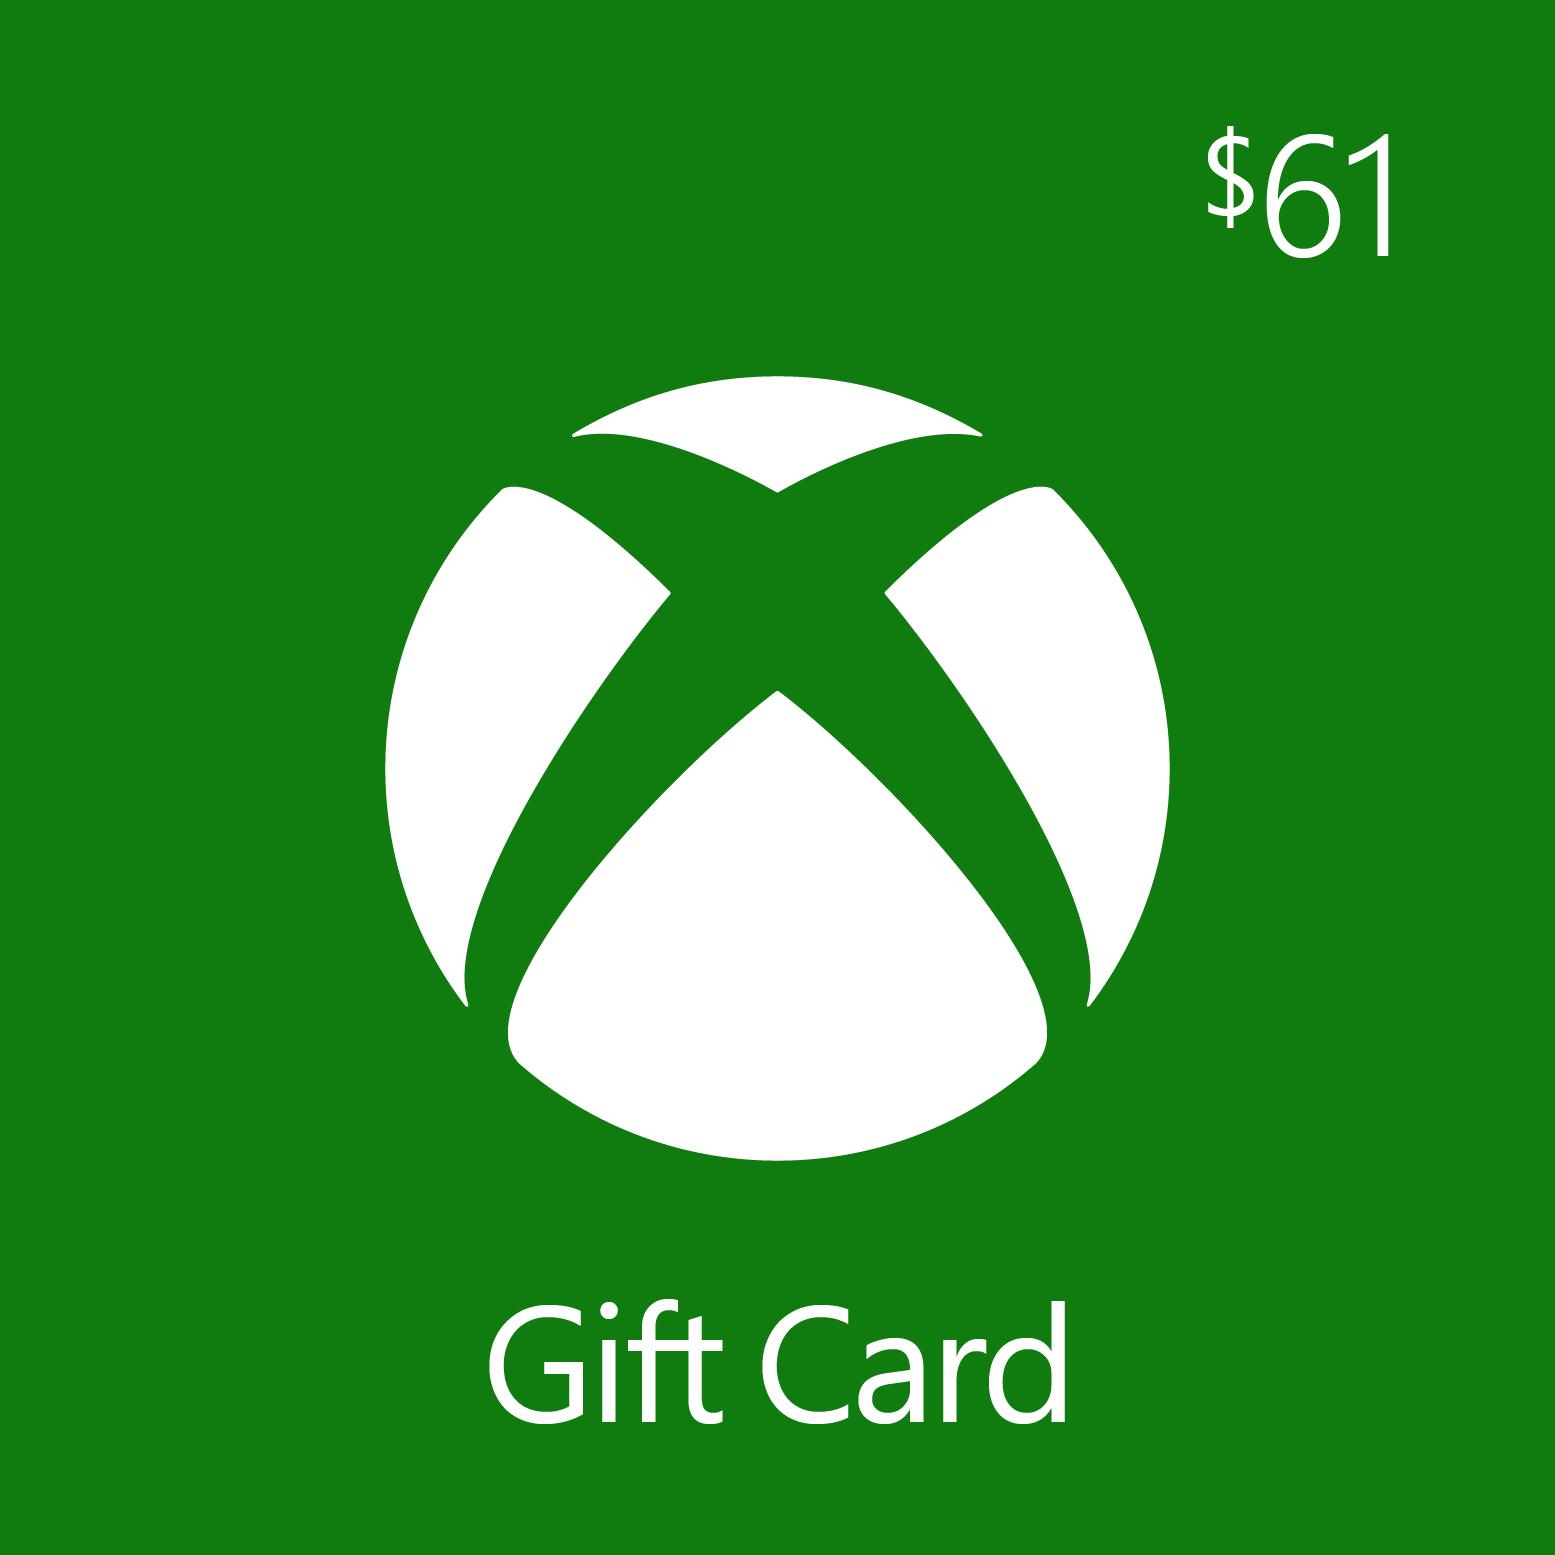 $61.00 Xbox Digital Gift Card